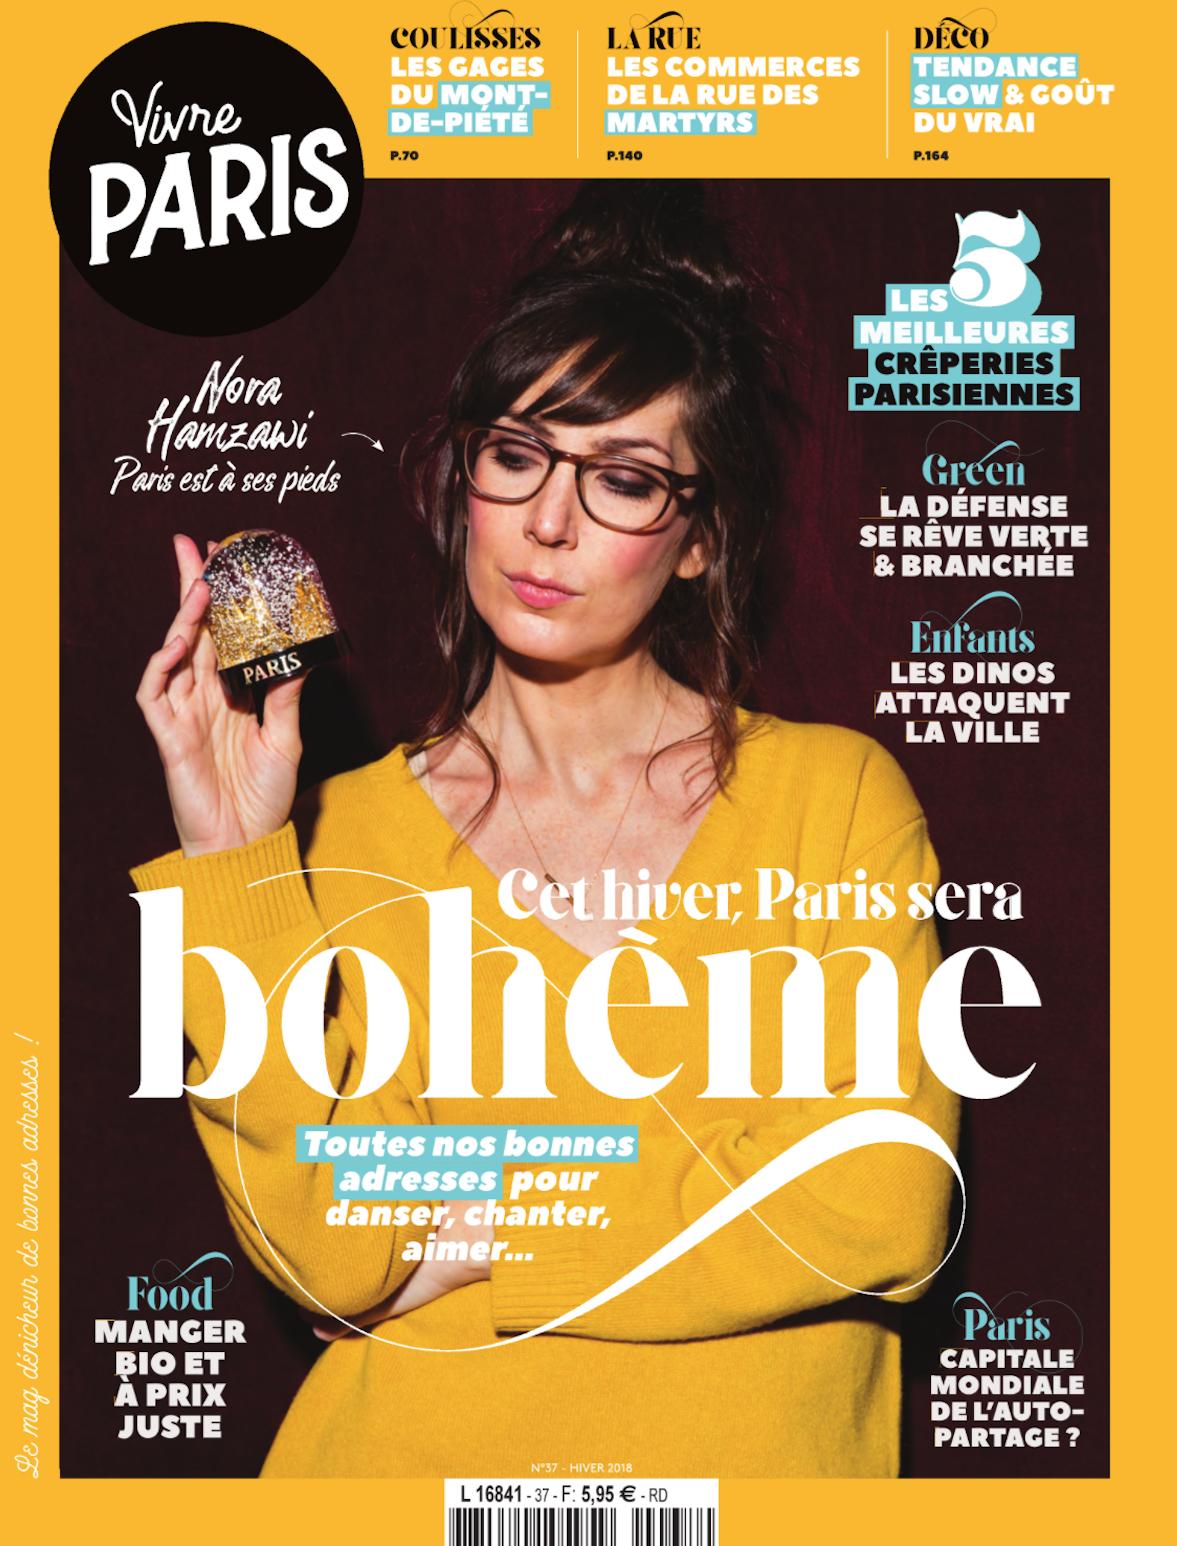 Couverture magazine vivre paris